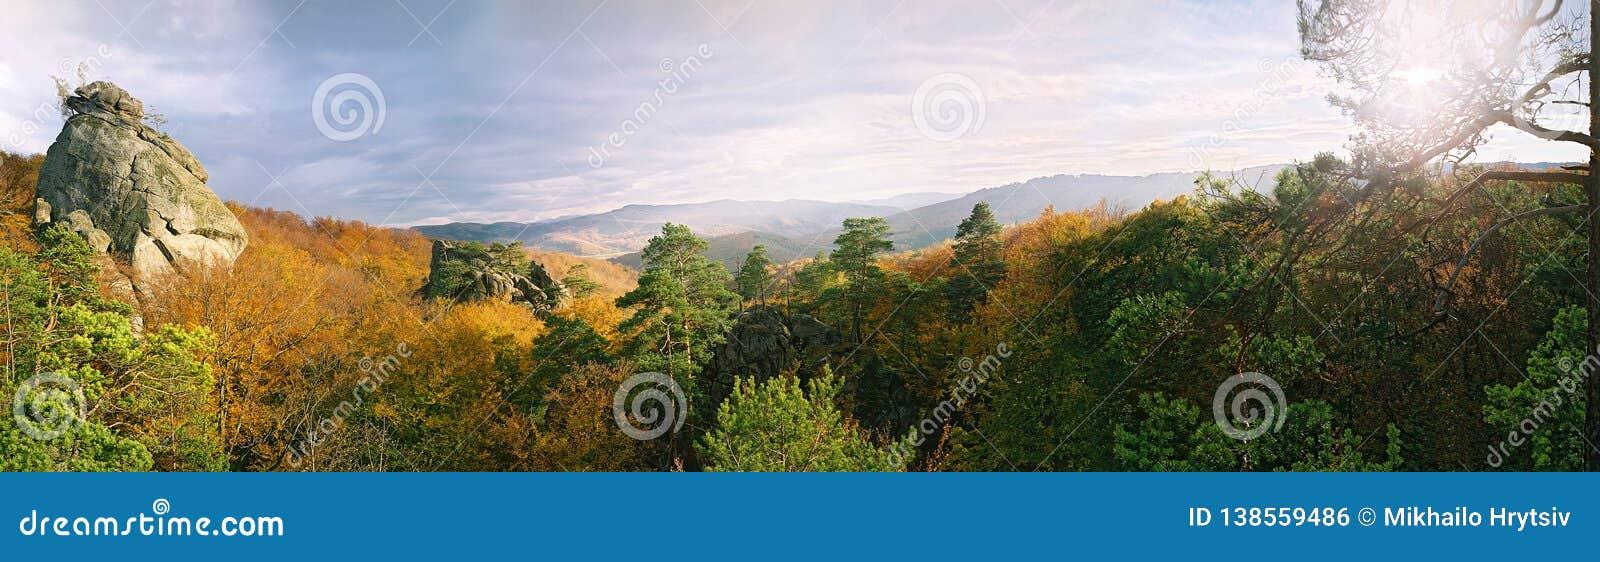 Cores quentes da floresta nas montanhas